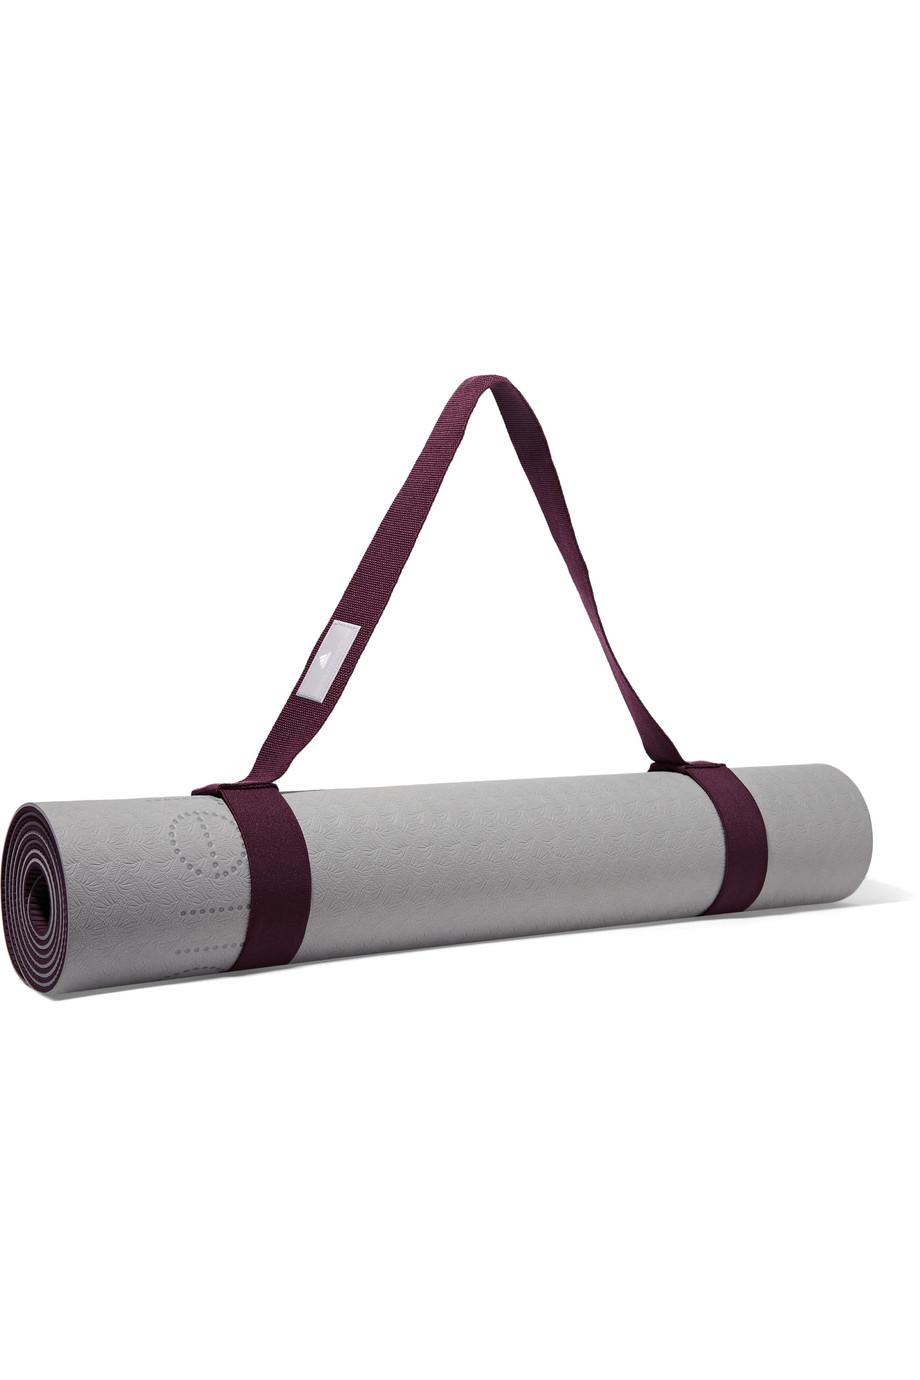 Yoga Mat, Adidas by Stella Mccartney, Size: One size